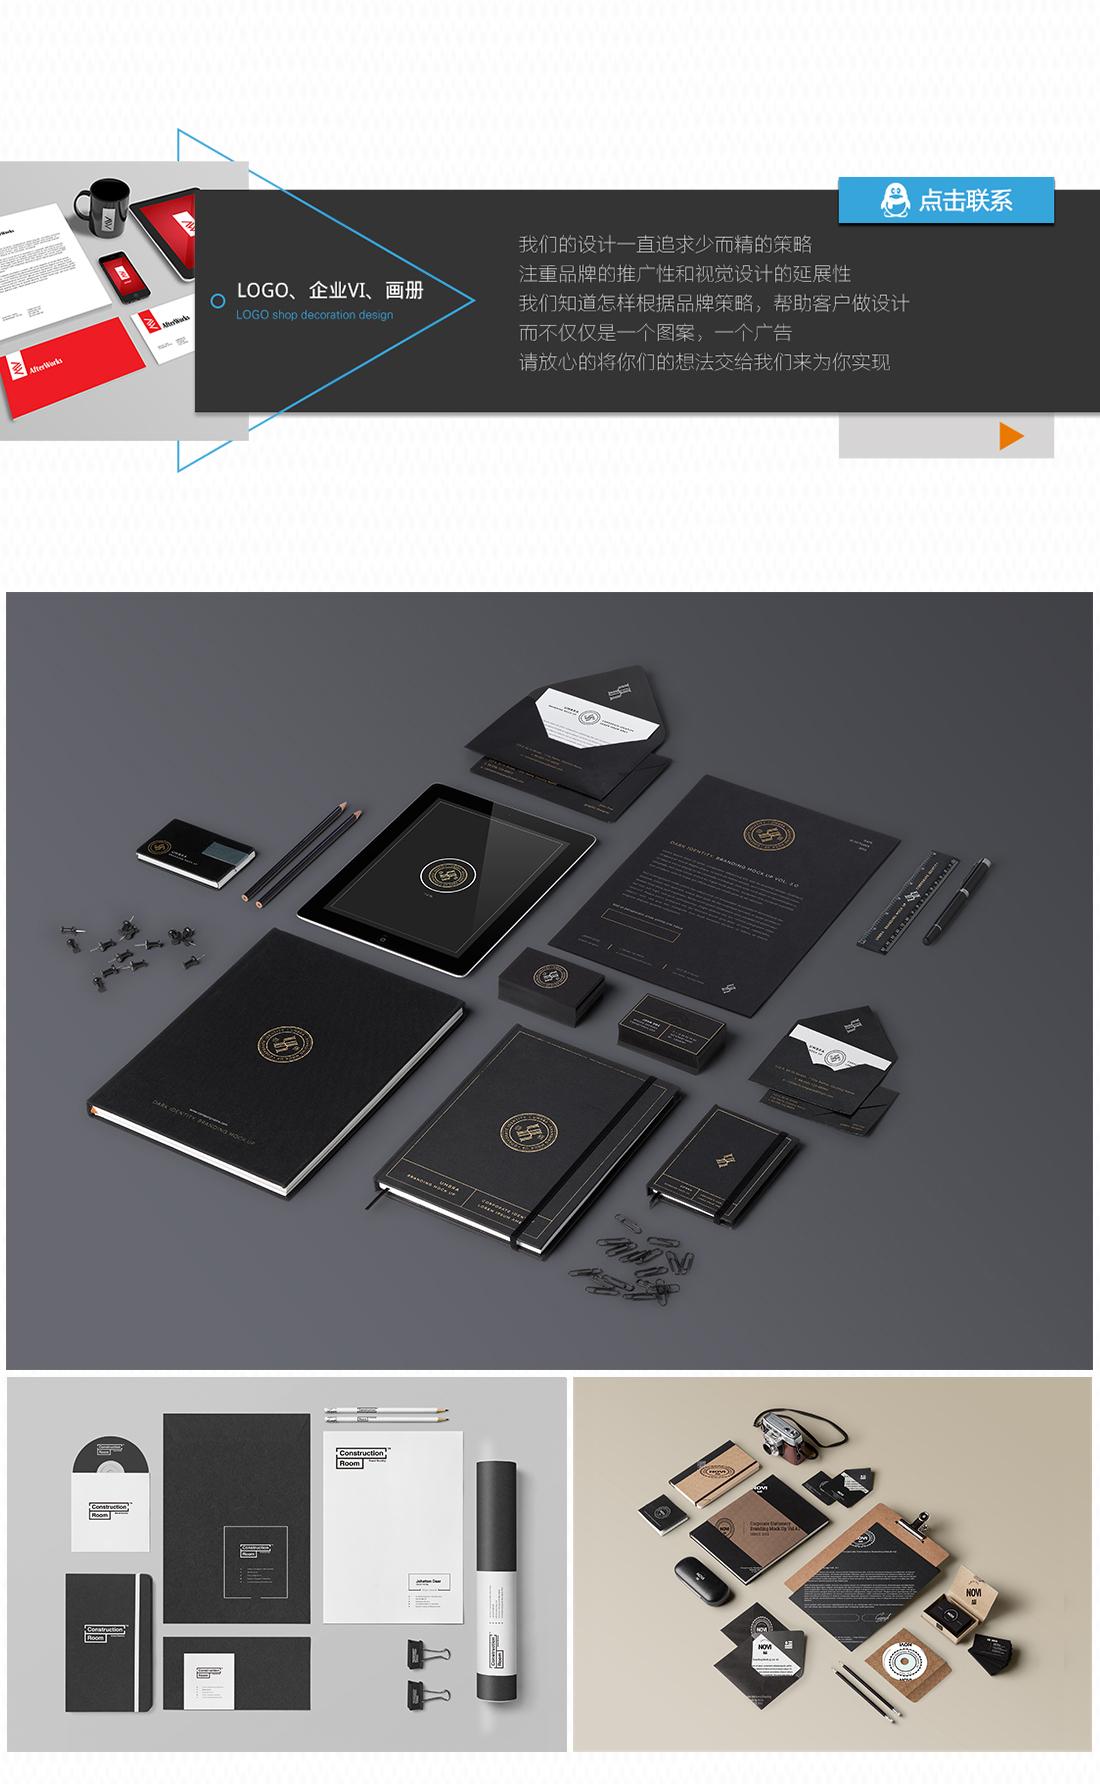 VI系统设计_vis设计/企业vi设计VI设计基础vi餐饮vi视觉系统vi2